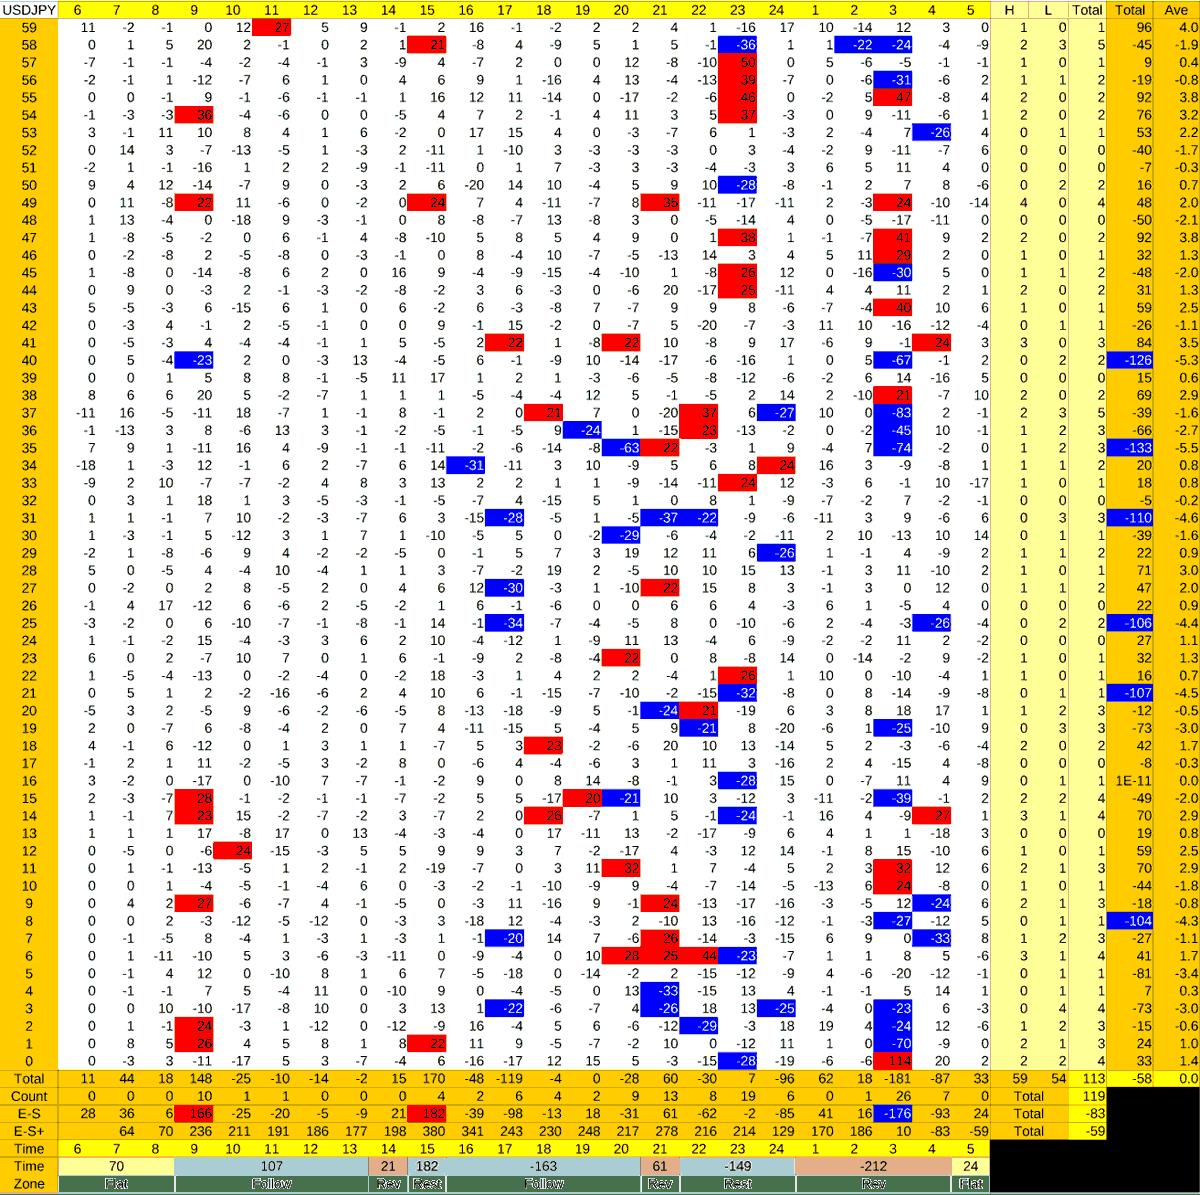 20210428_HS(1)USDJPY